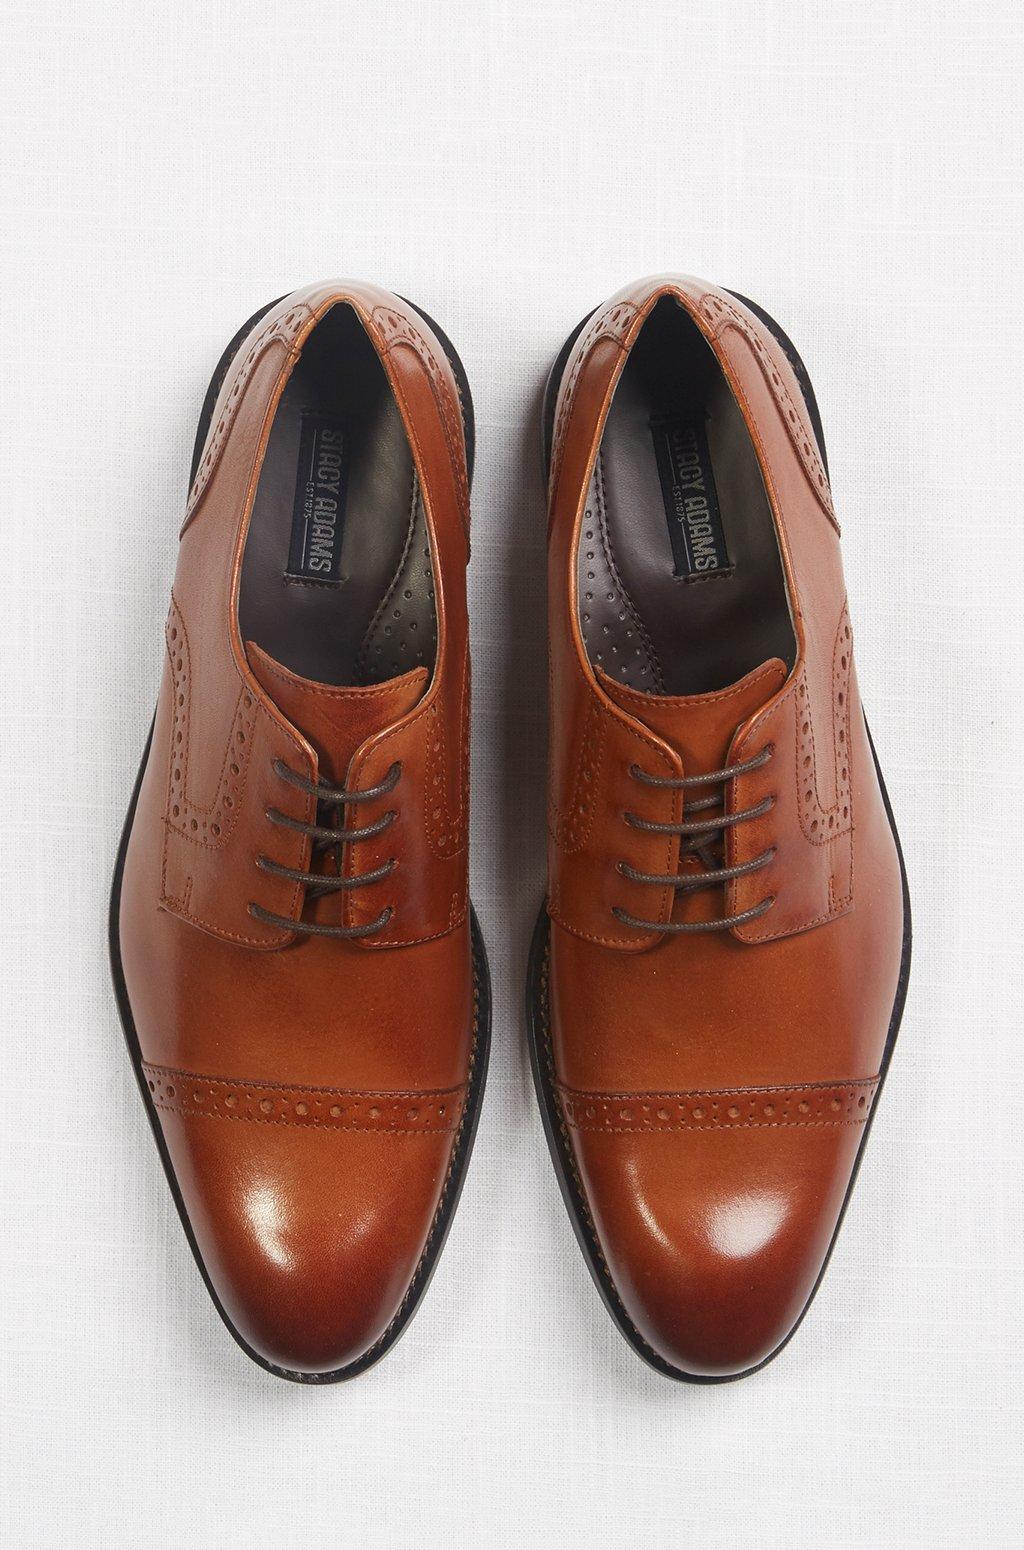 8e4e9b9026d60 PRESCOTT Tan - The Groomsman Suit